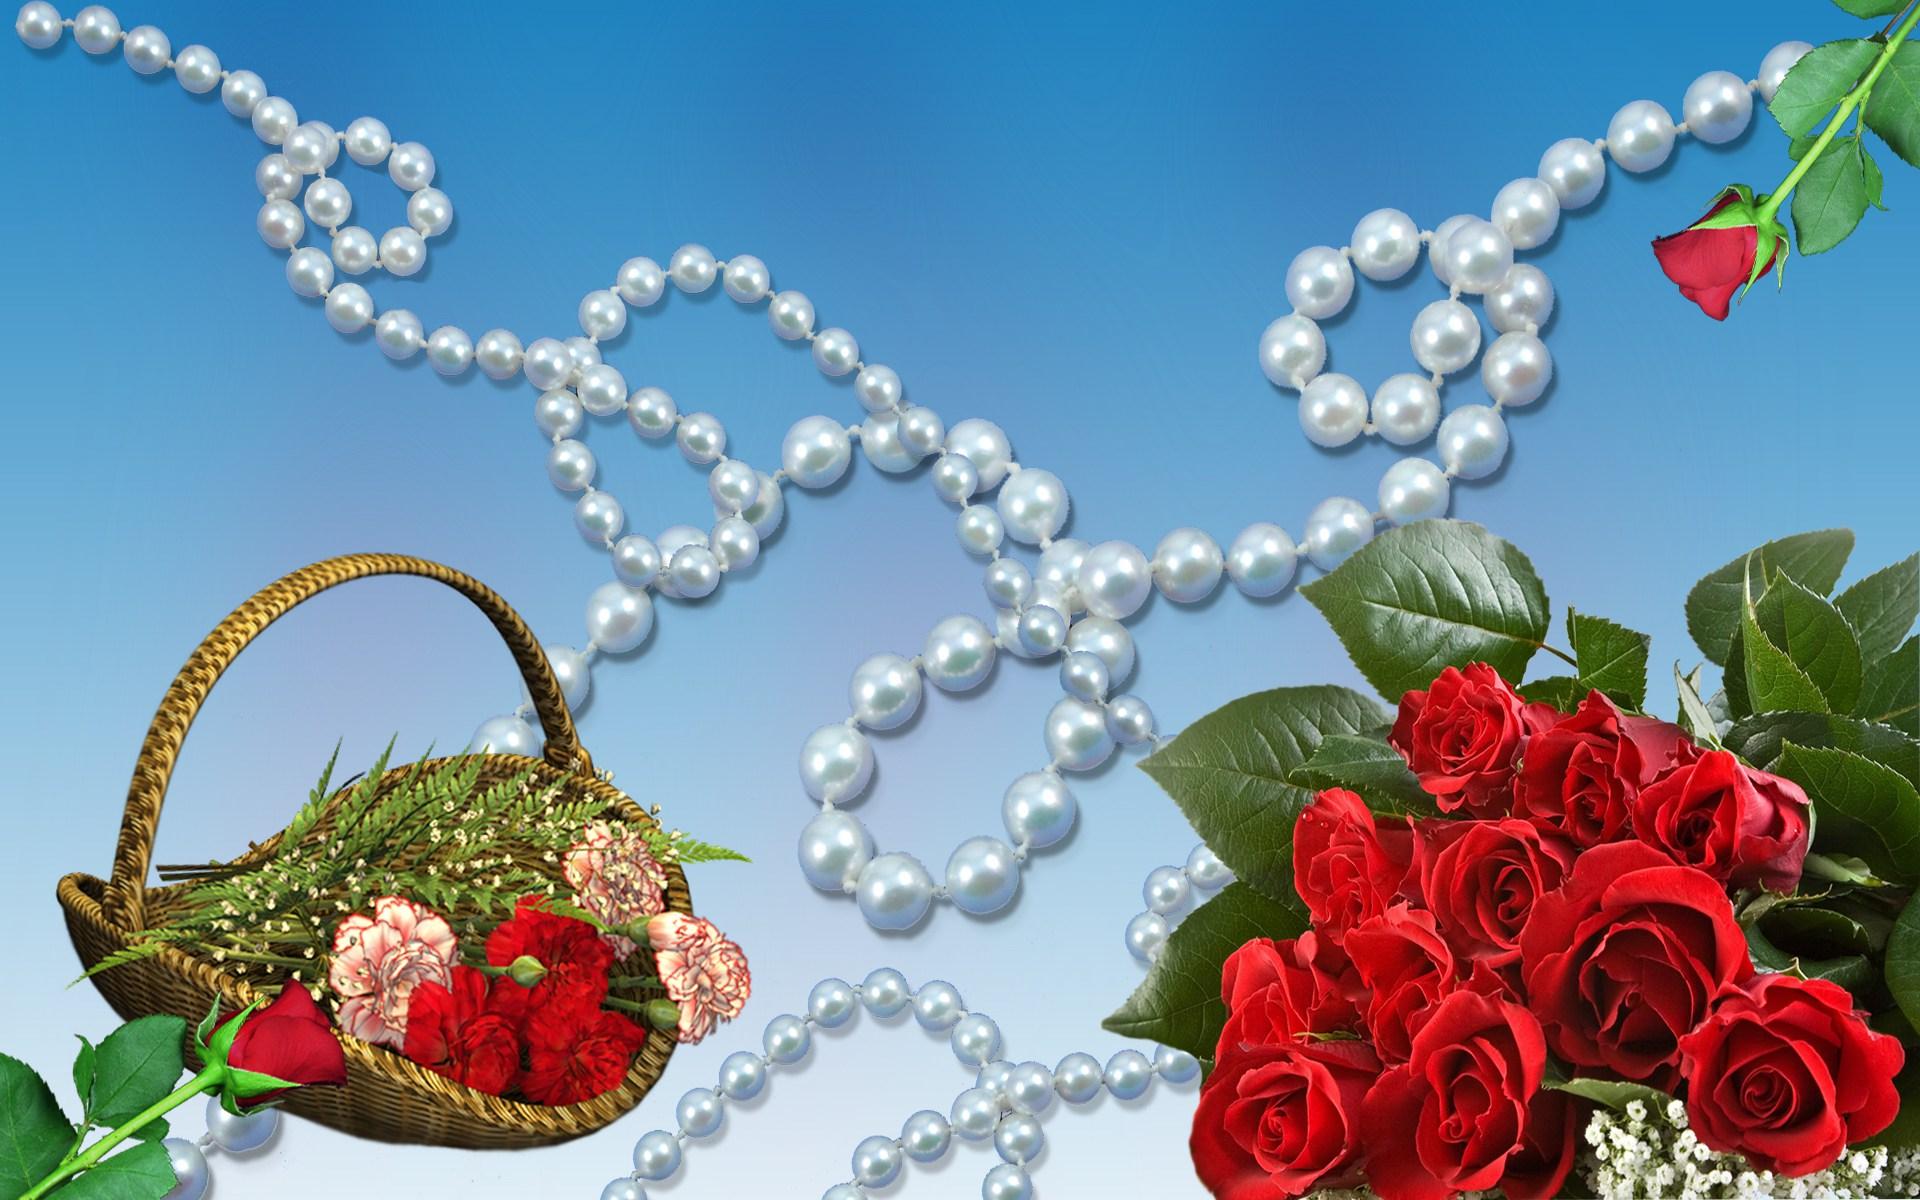 обои на рабочий стол розы и жемчуг скачать бесплатно № 126489 бесплатно